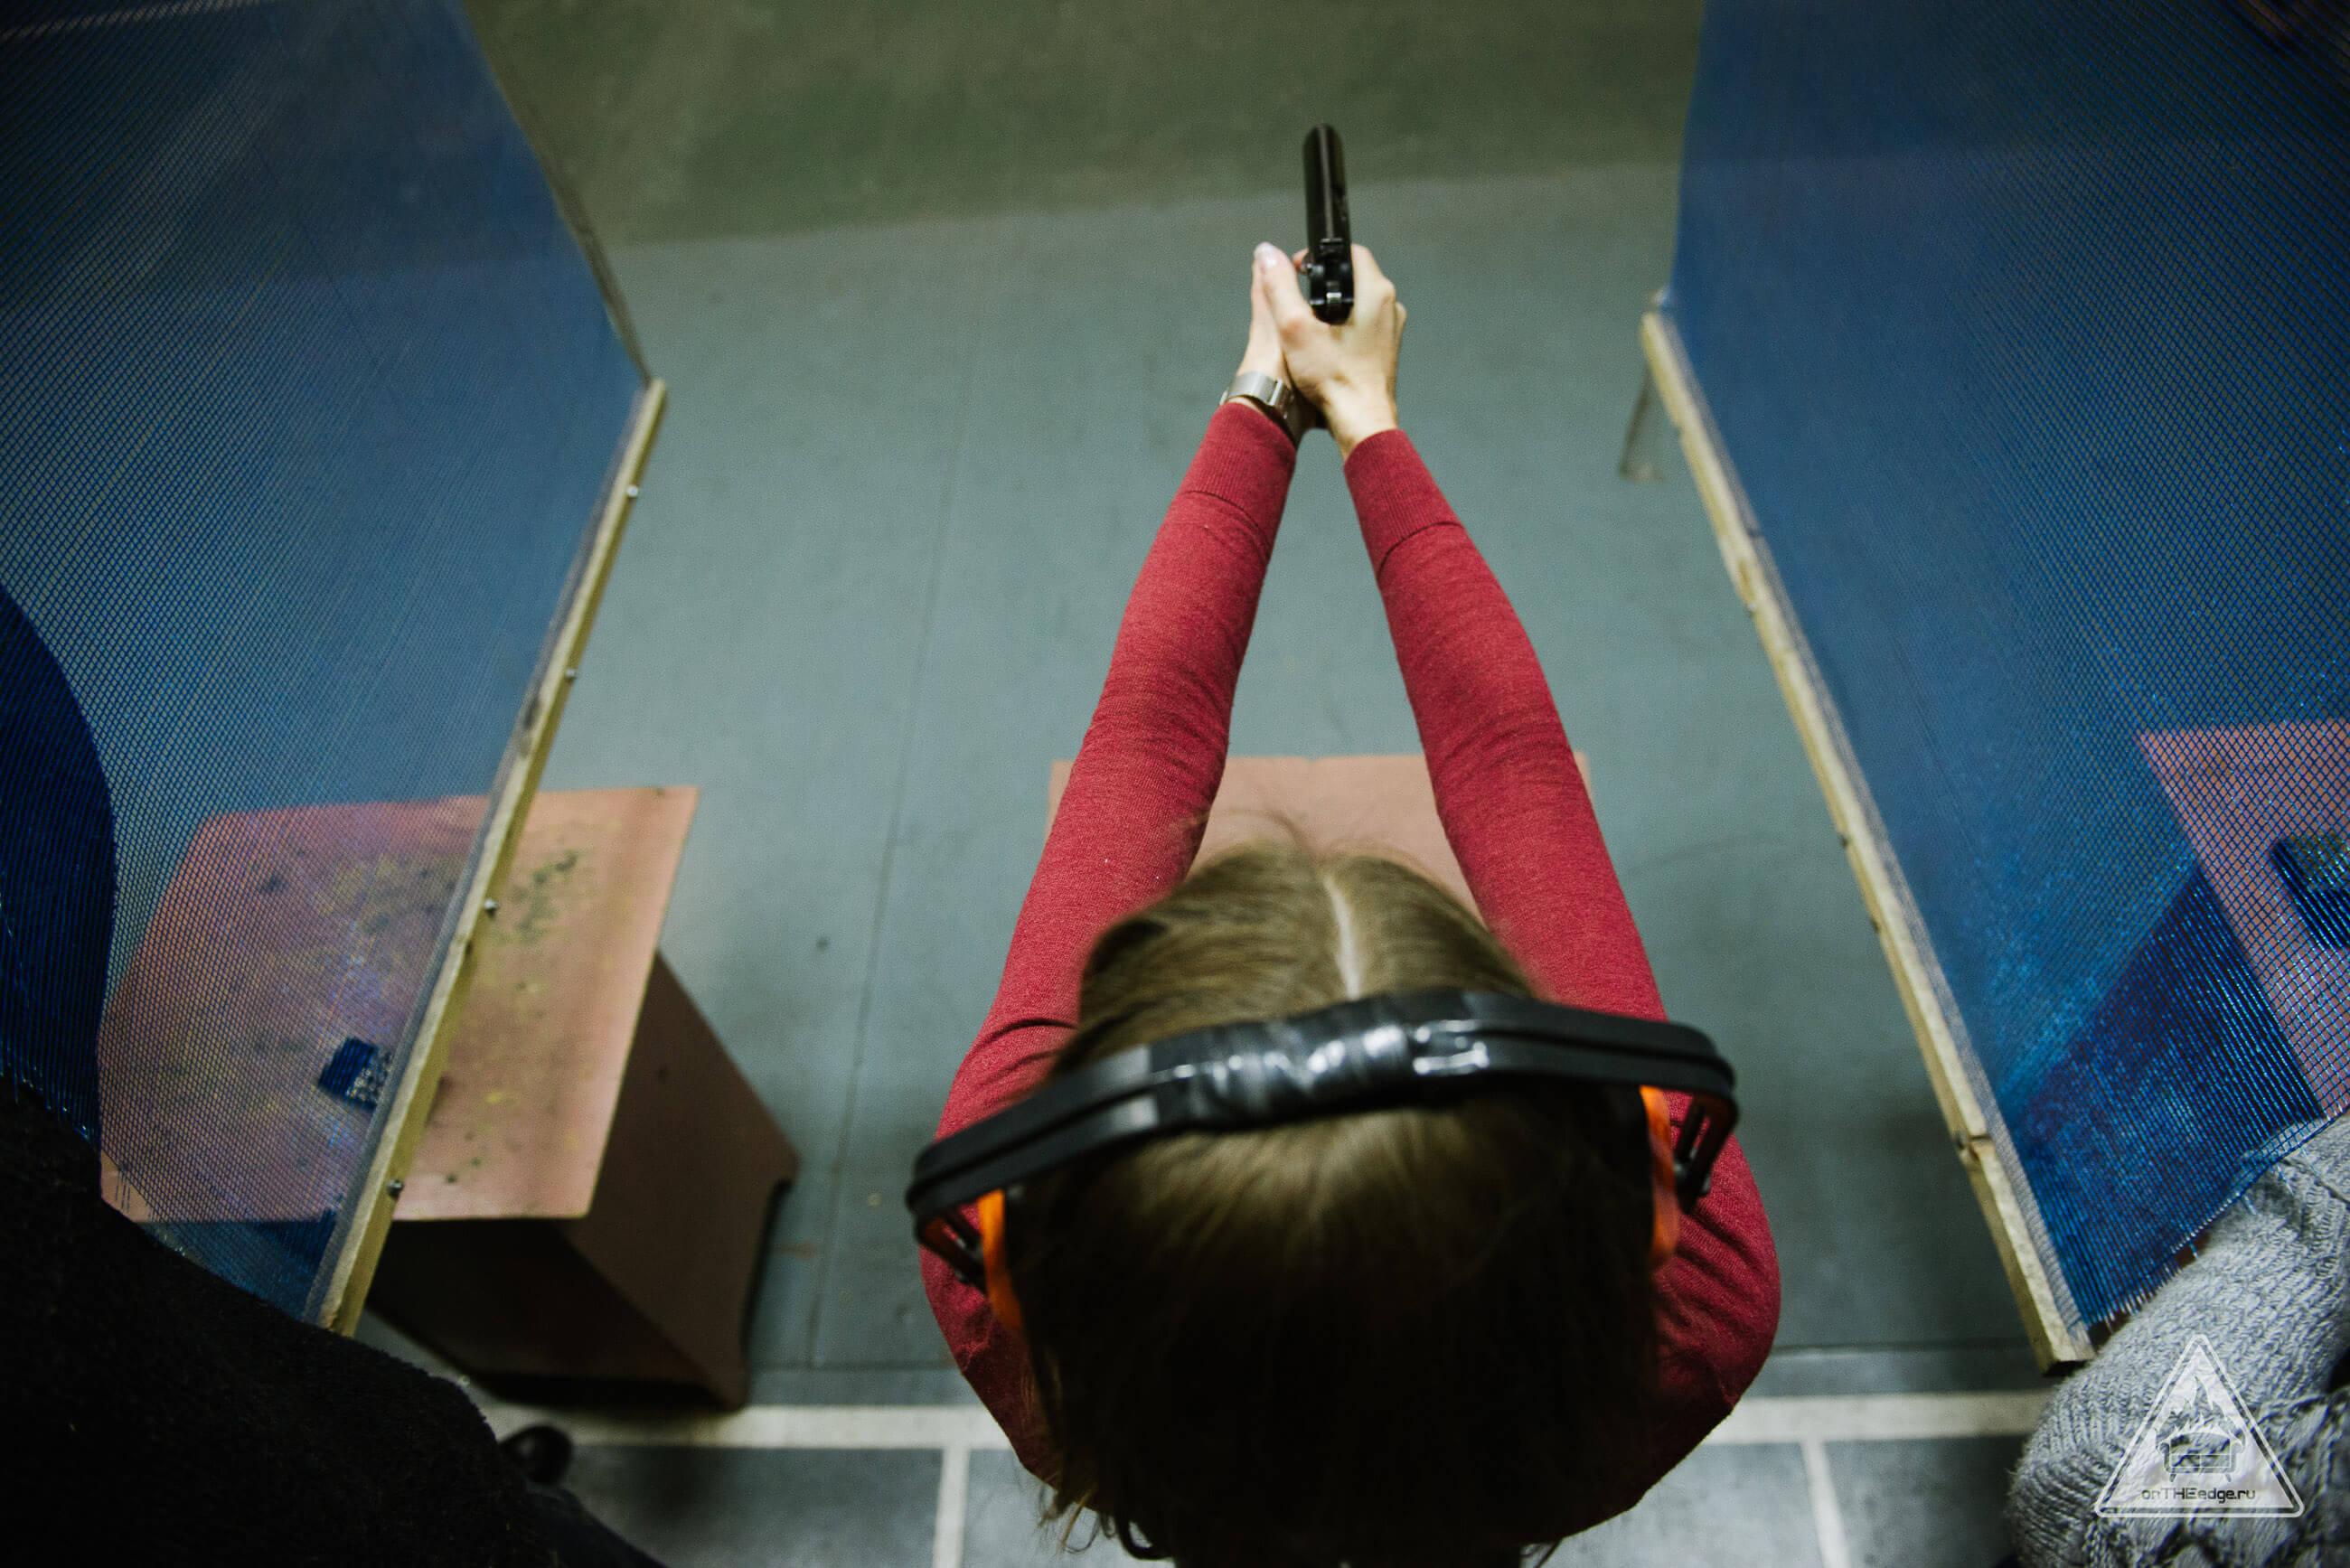 cтрельба из огнестрельного оружия в тире